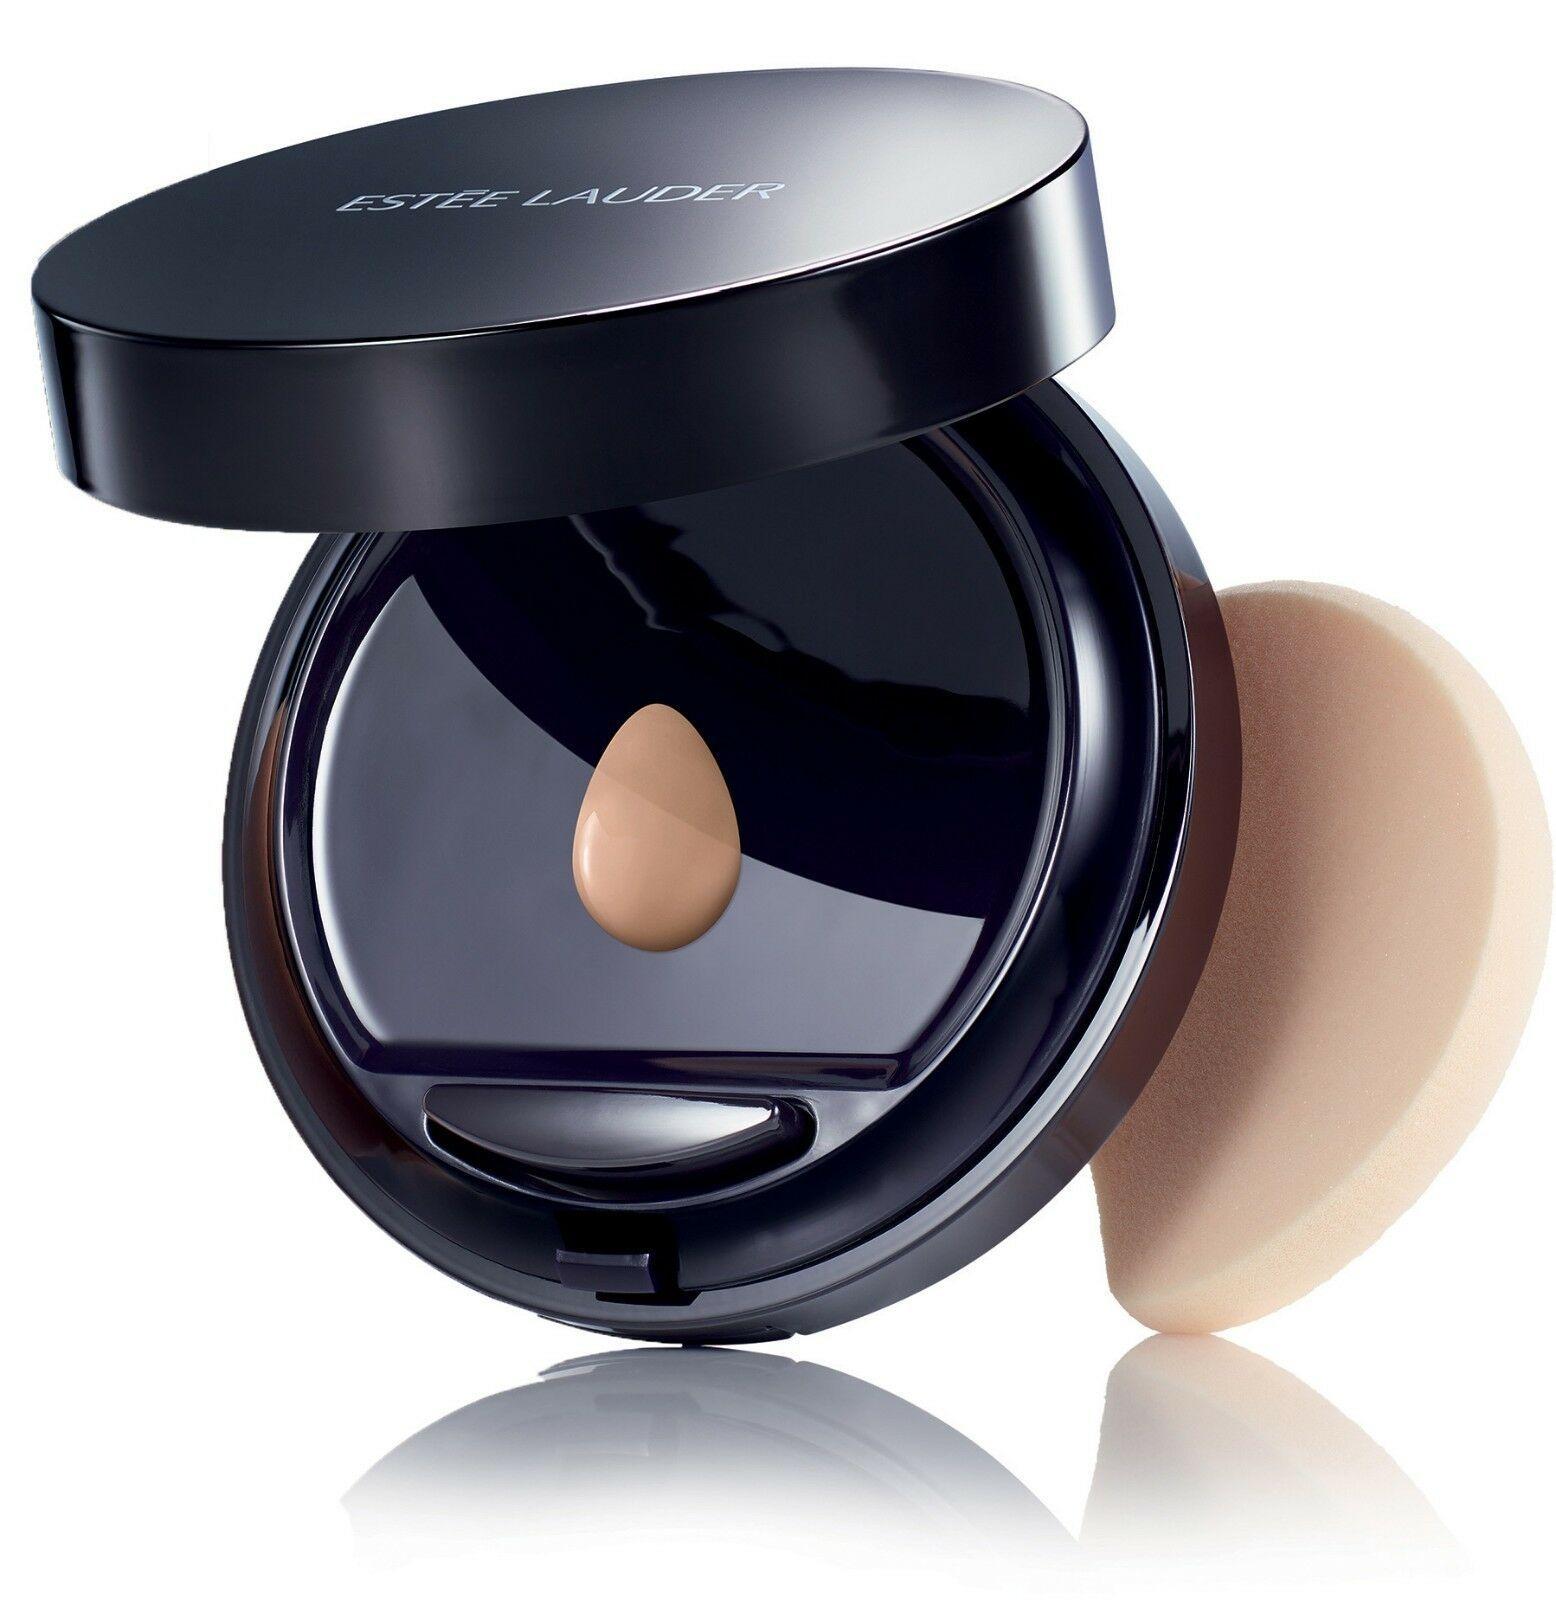 Estee Lauder Double Wear Makeup To Go Liquid Compact 12ml